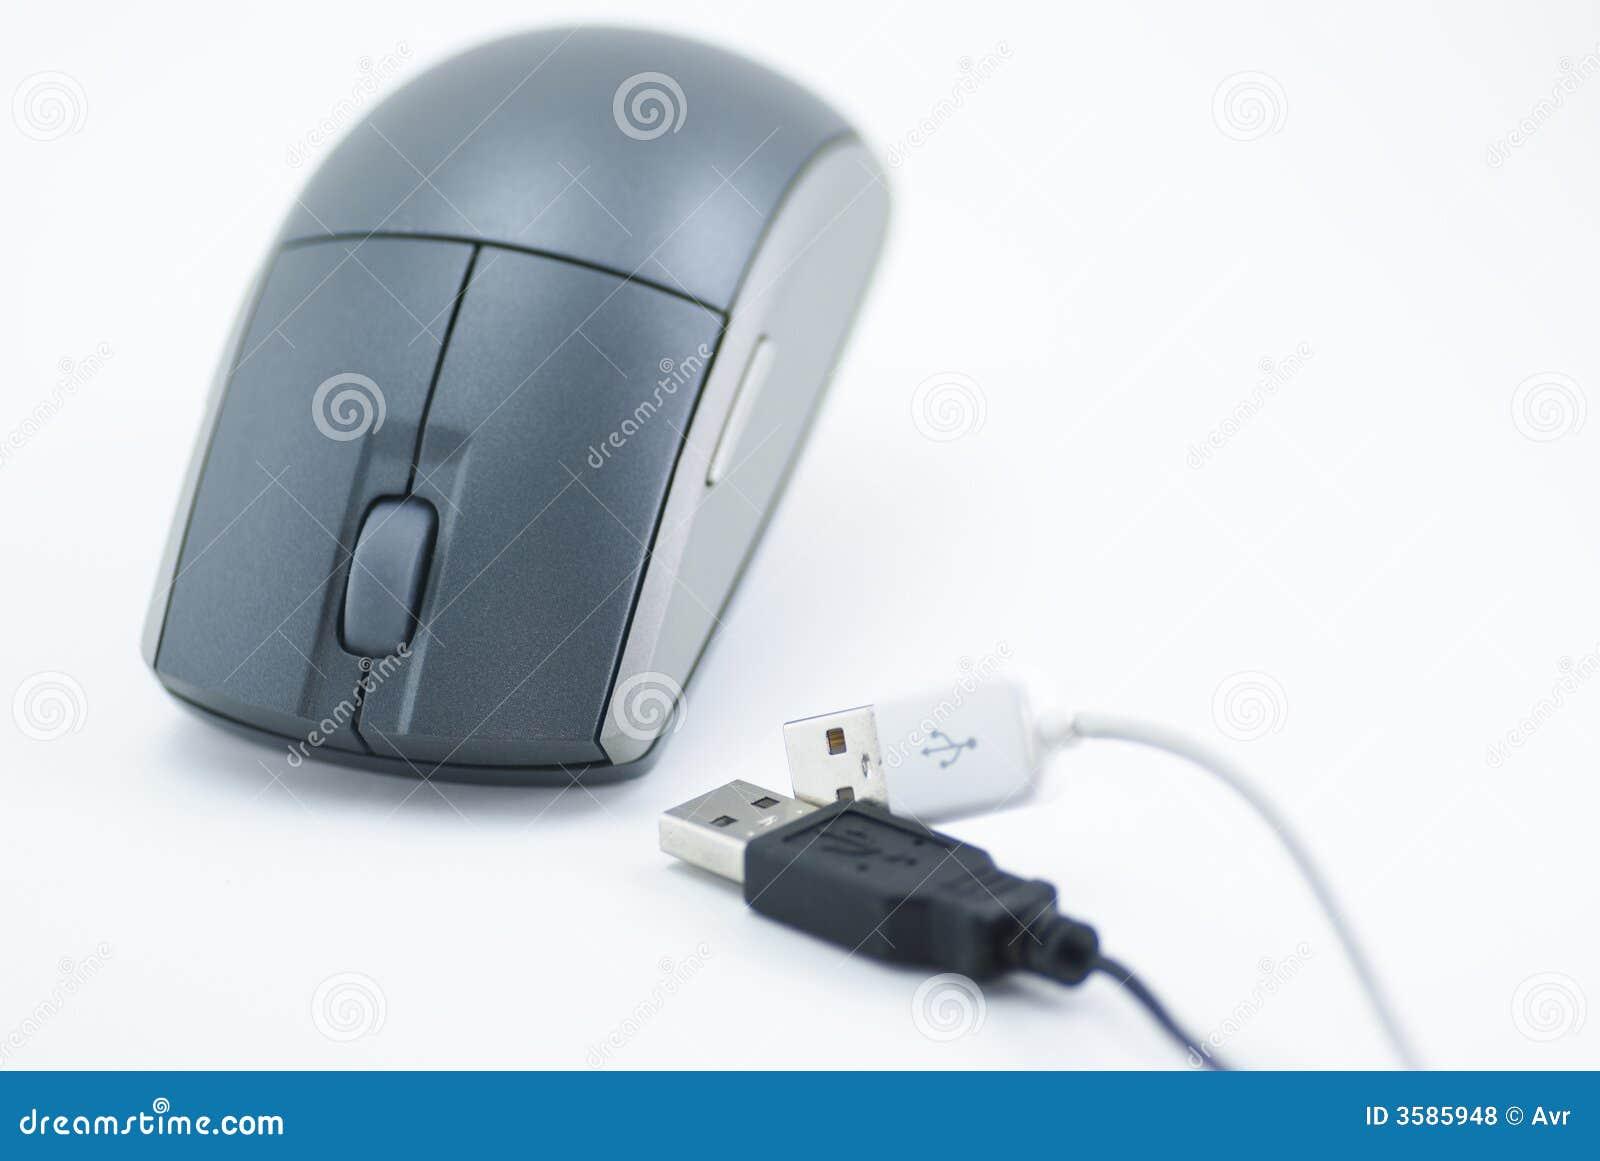 Fiches et souris d USB